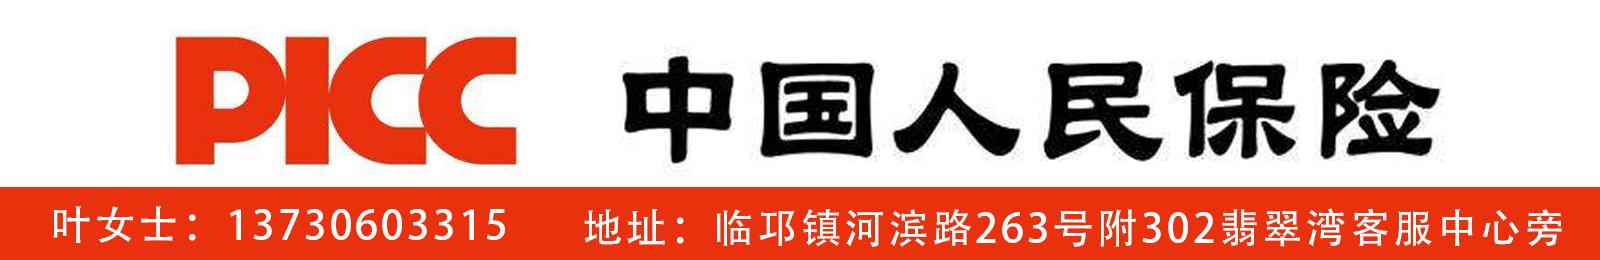 中国人民保险公司